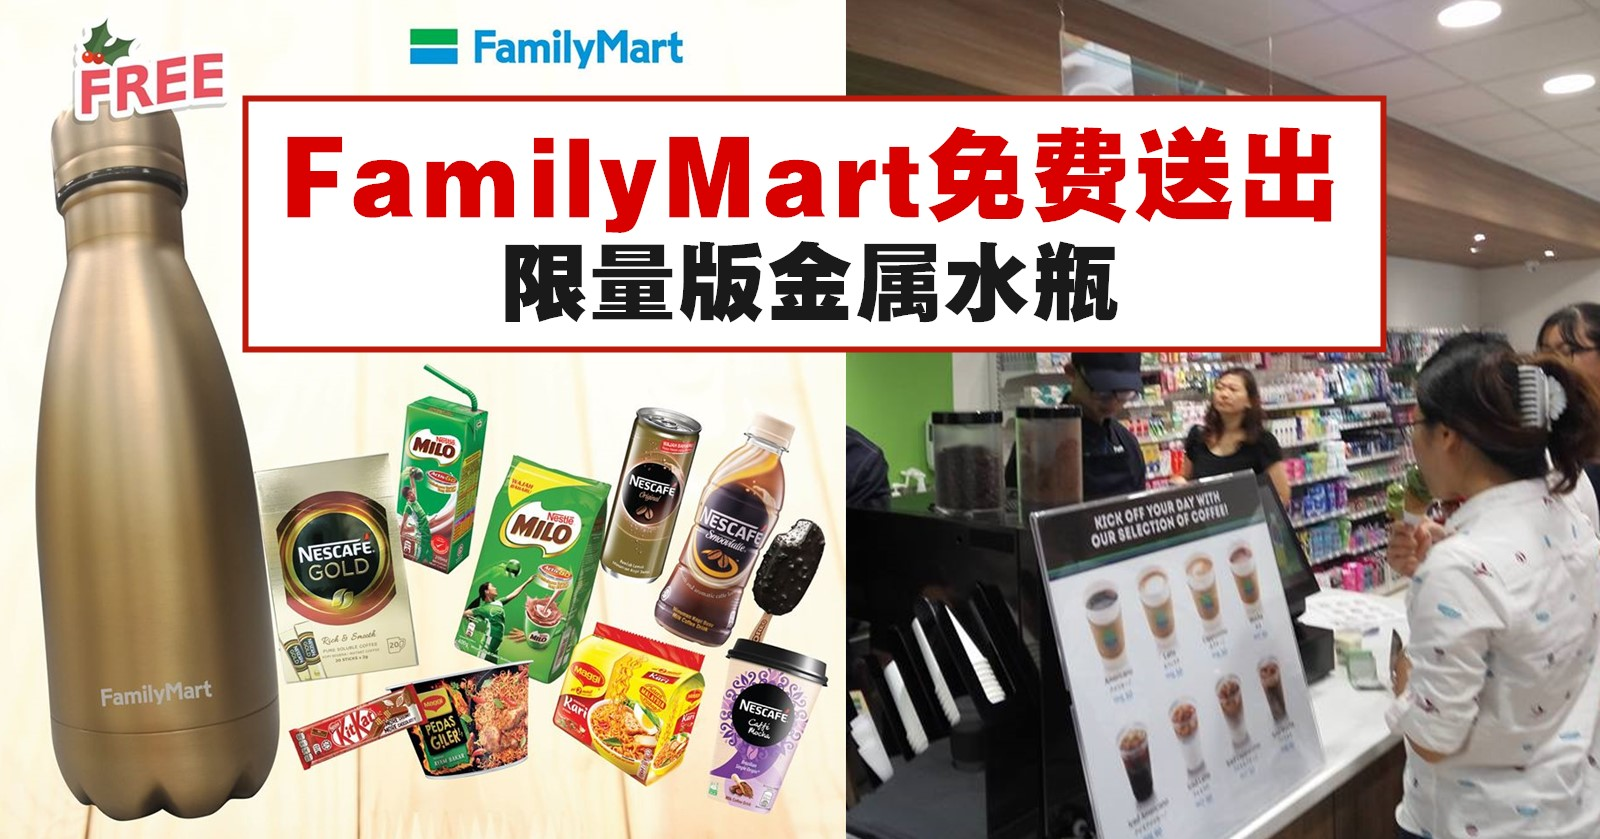 FamilyMart免费送出限量版金属水瓶